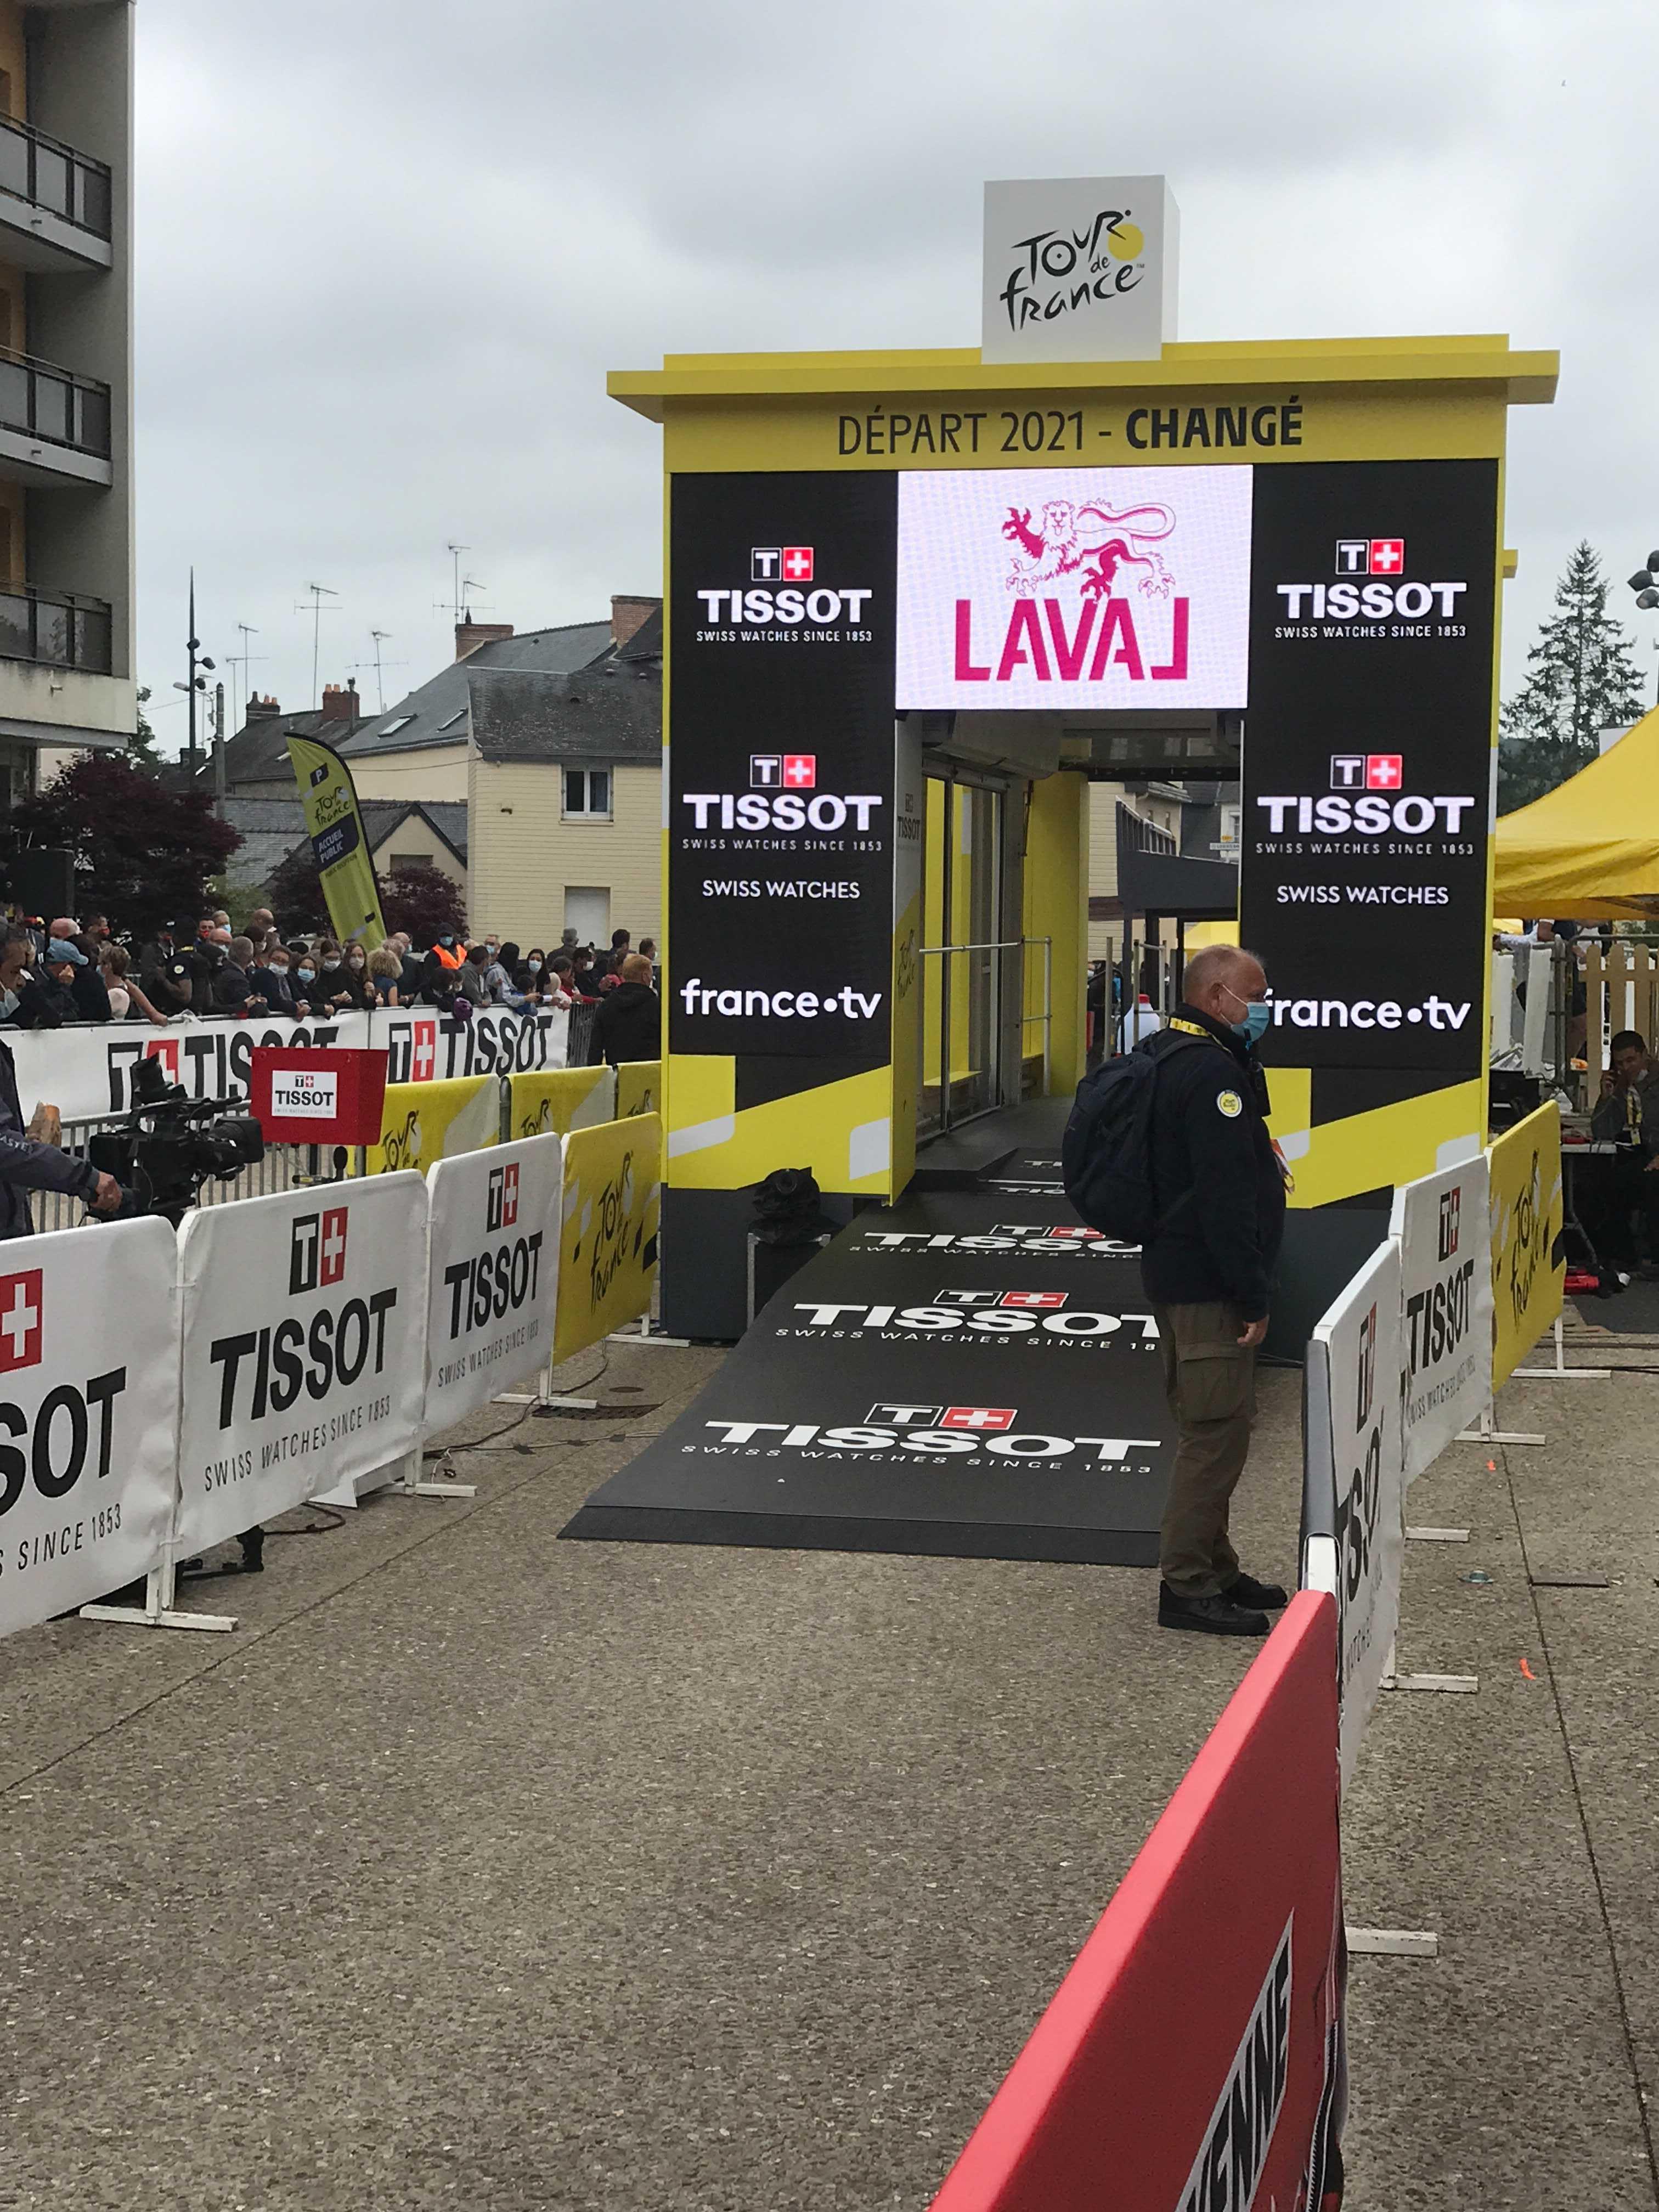 Tour de France stage five start